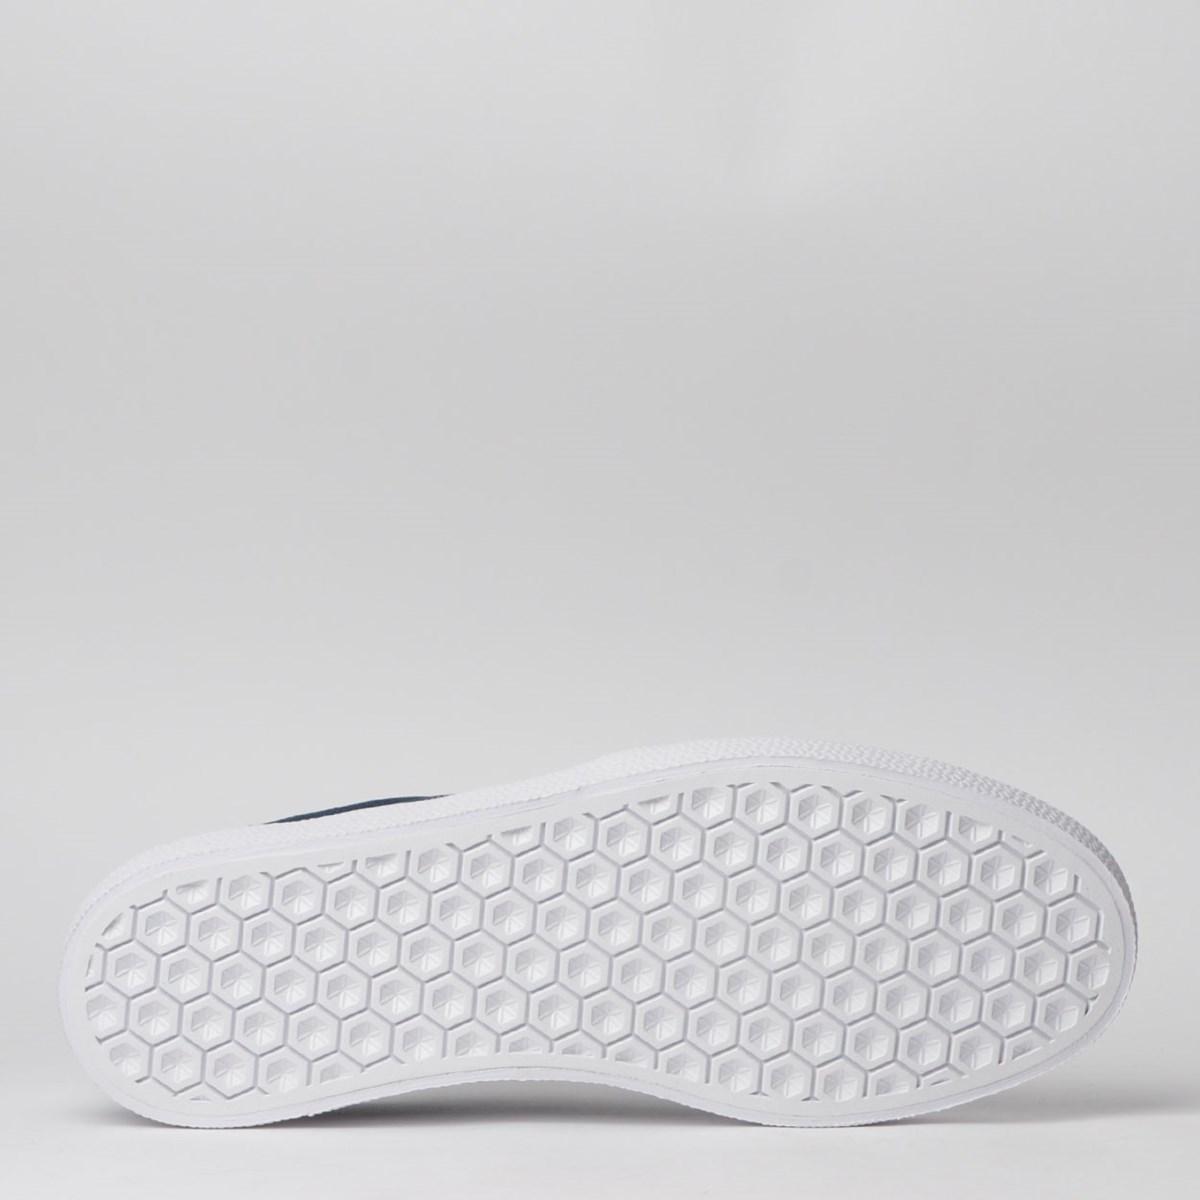 Tênis Adidas 3MC Vulc Marinho Branco EE6091